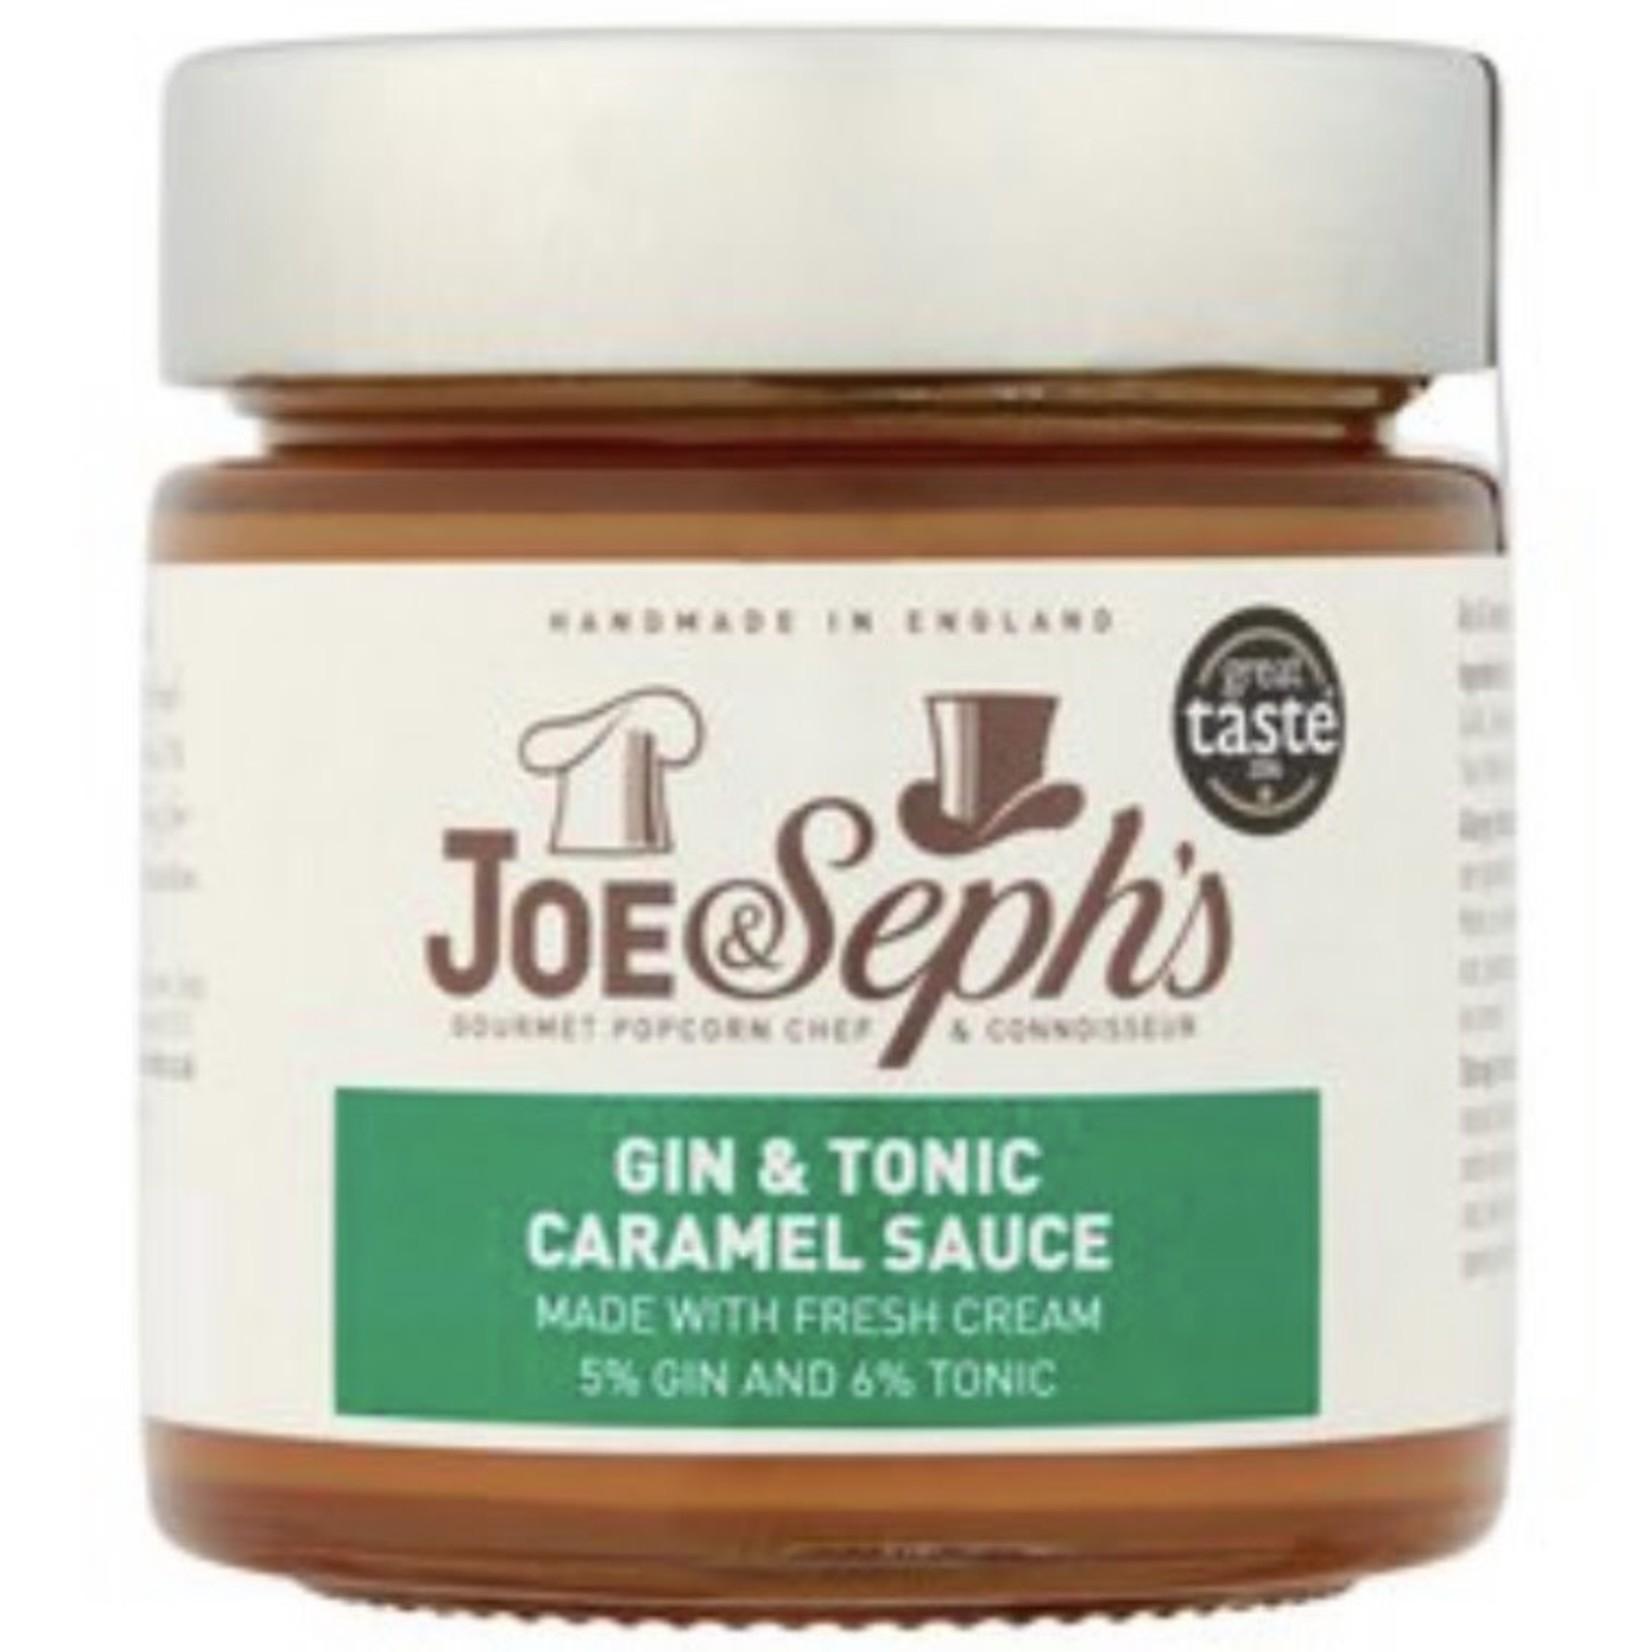 Dovetale Joe & Seph's Gin & Tonic Caramel Sauce